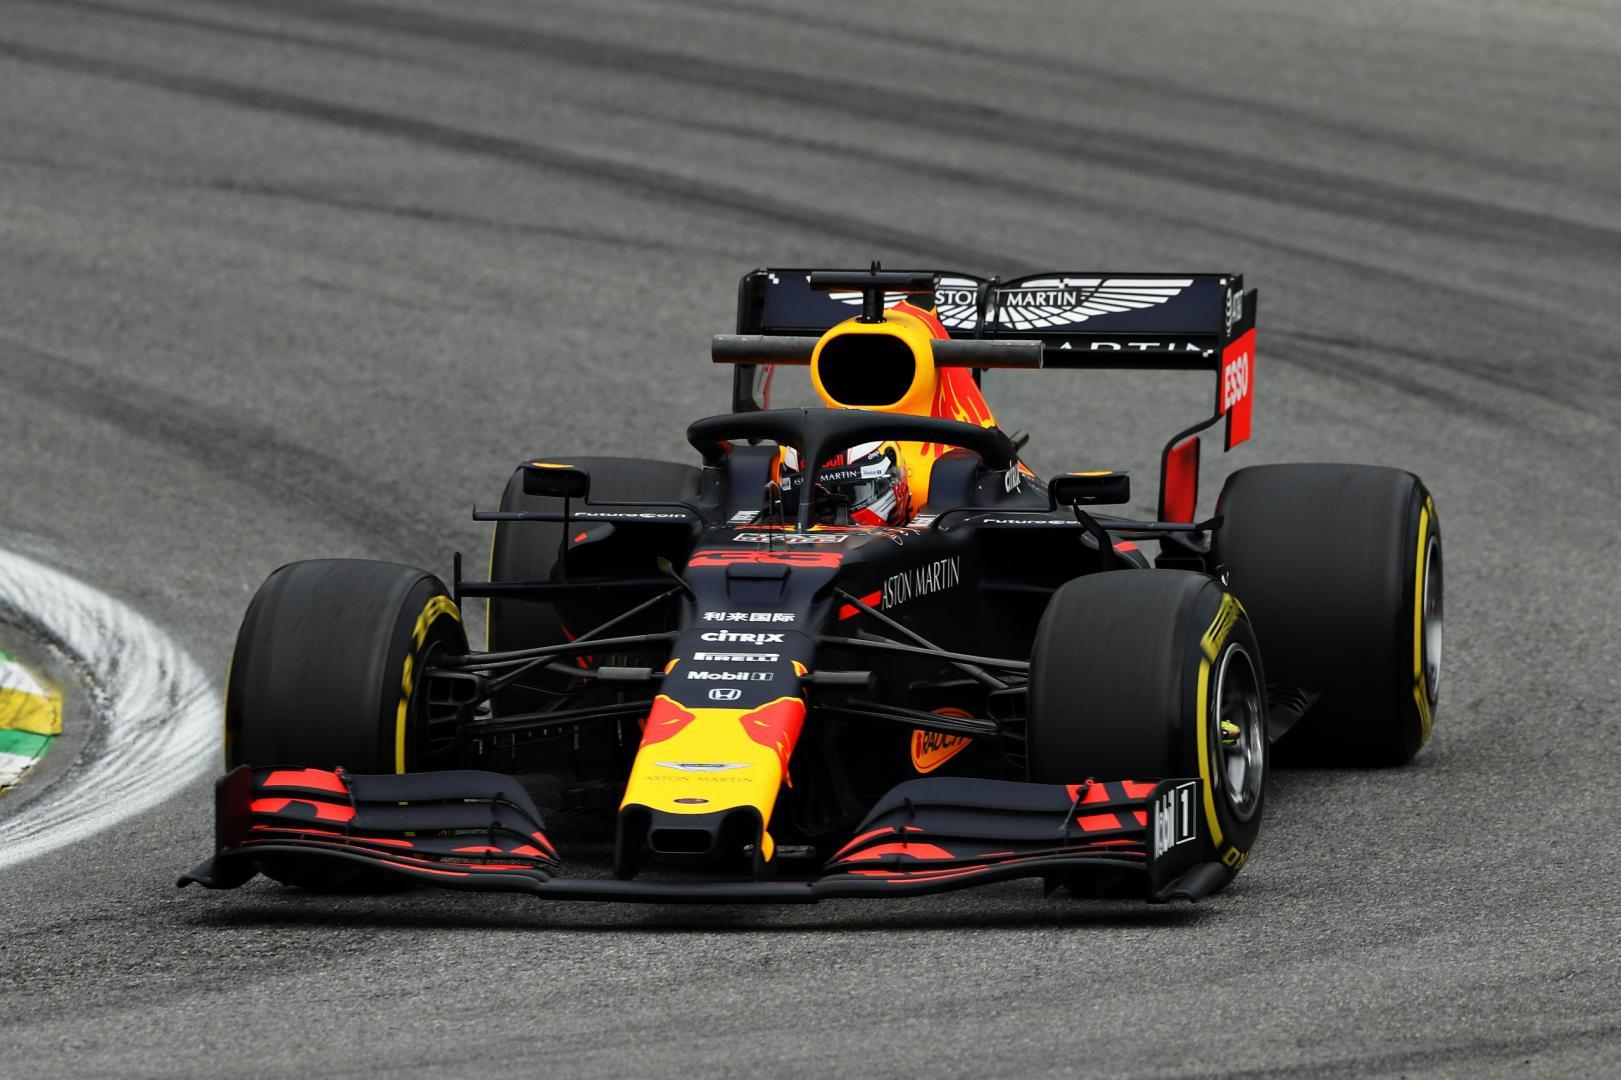 Max Verstappen Gp van Brazilië 2019 dichtbij in bocht